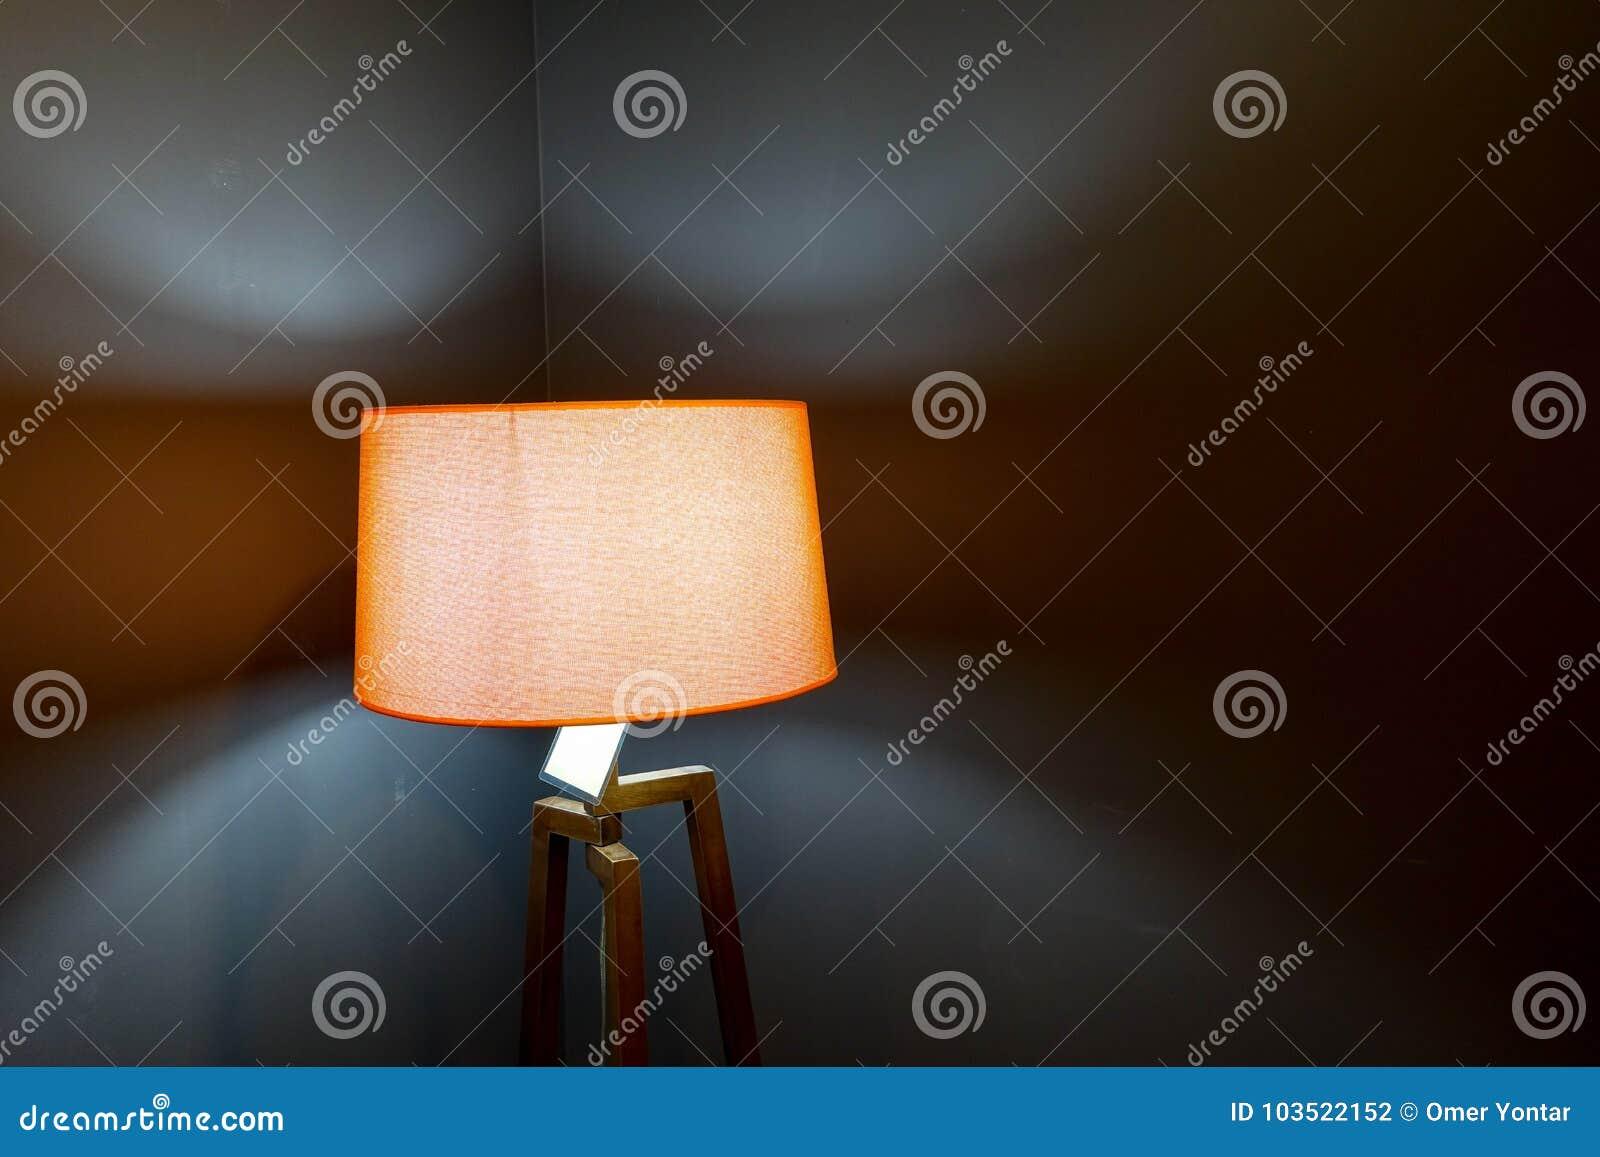 Articles de décoration de maison et de bureau, concept